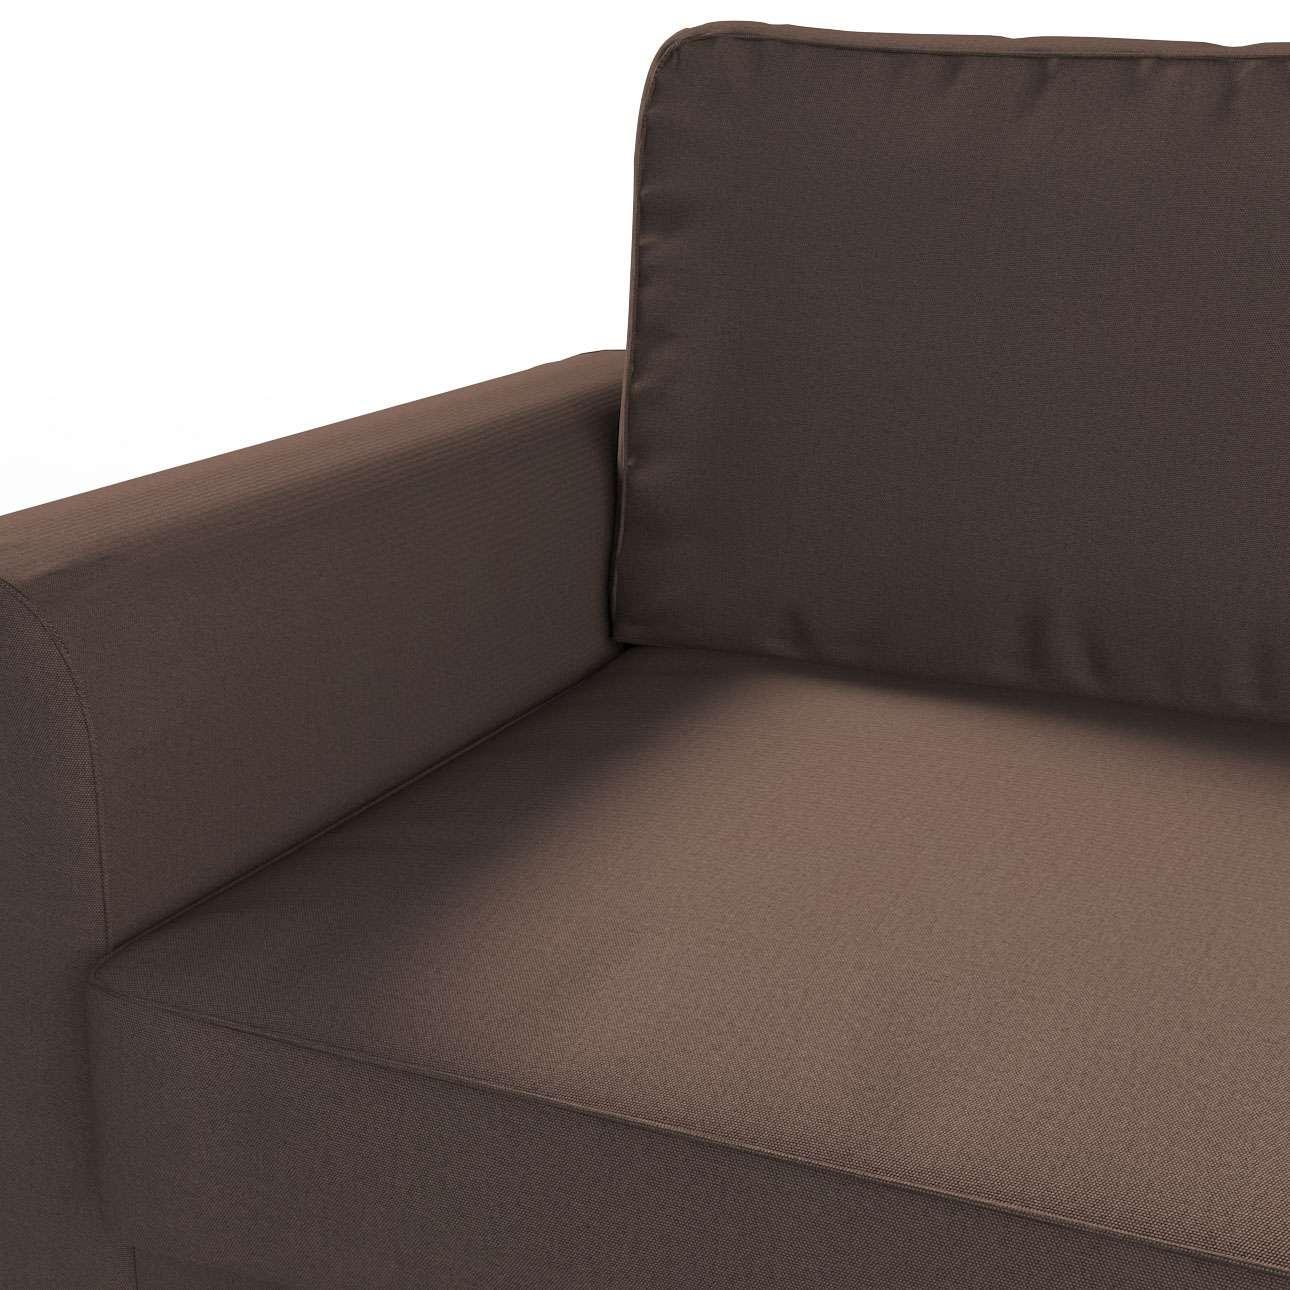 Backabro 3-Sitzer Sofabezug ausklappbar Backabro 3-Sitzer Sofa von der Kollektion Etna, Stoff: 705-08